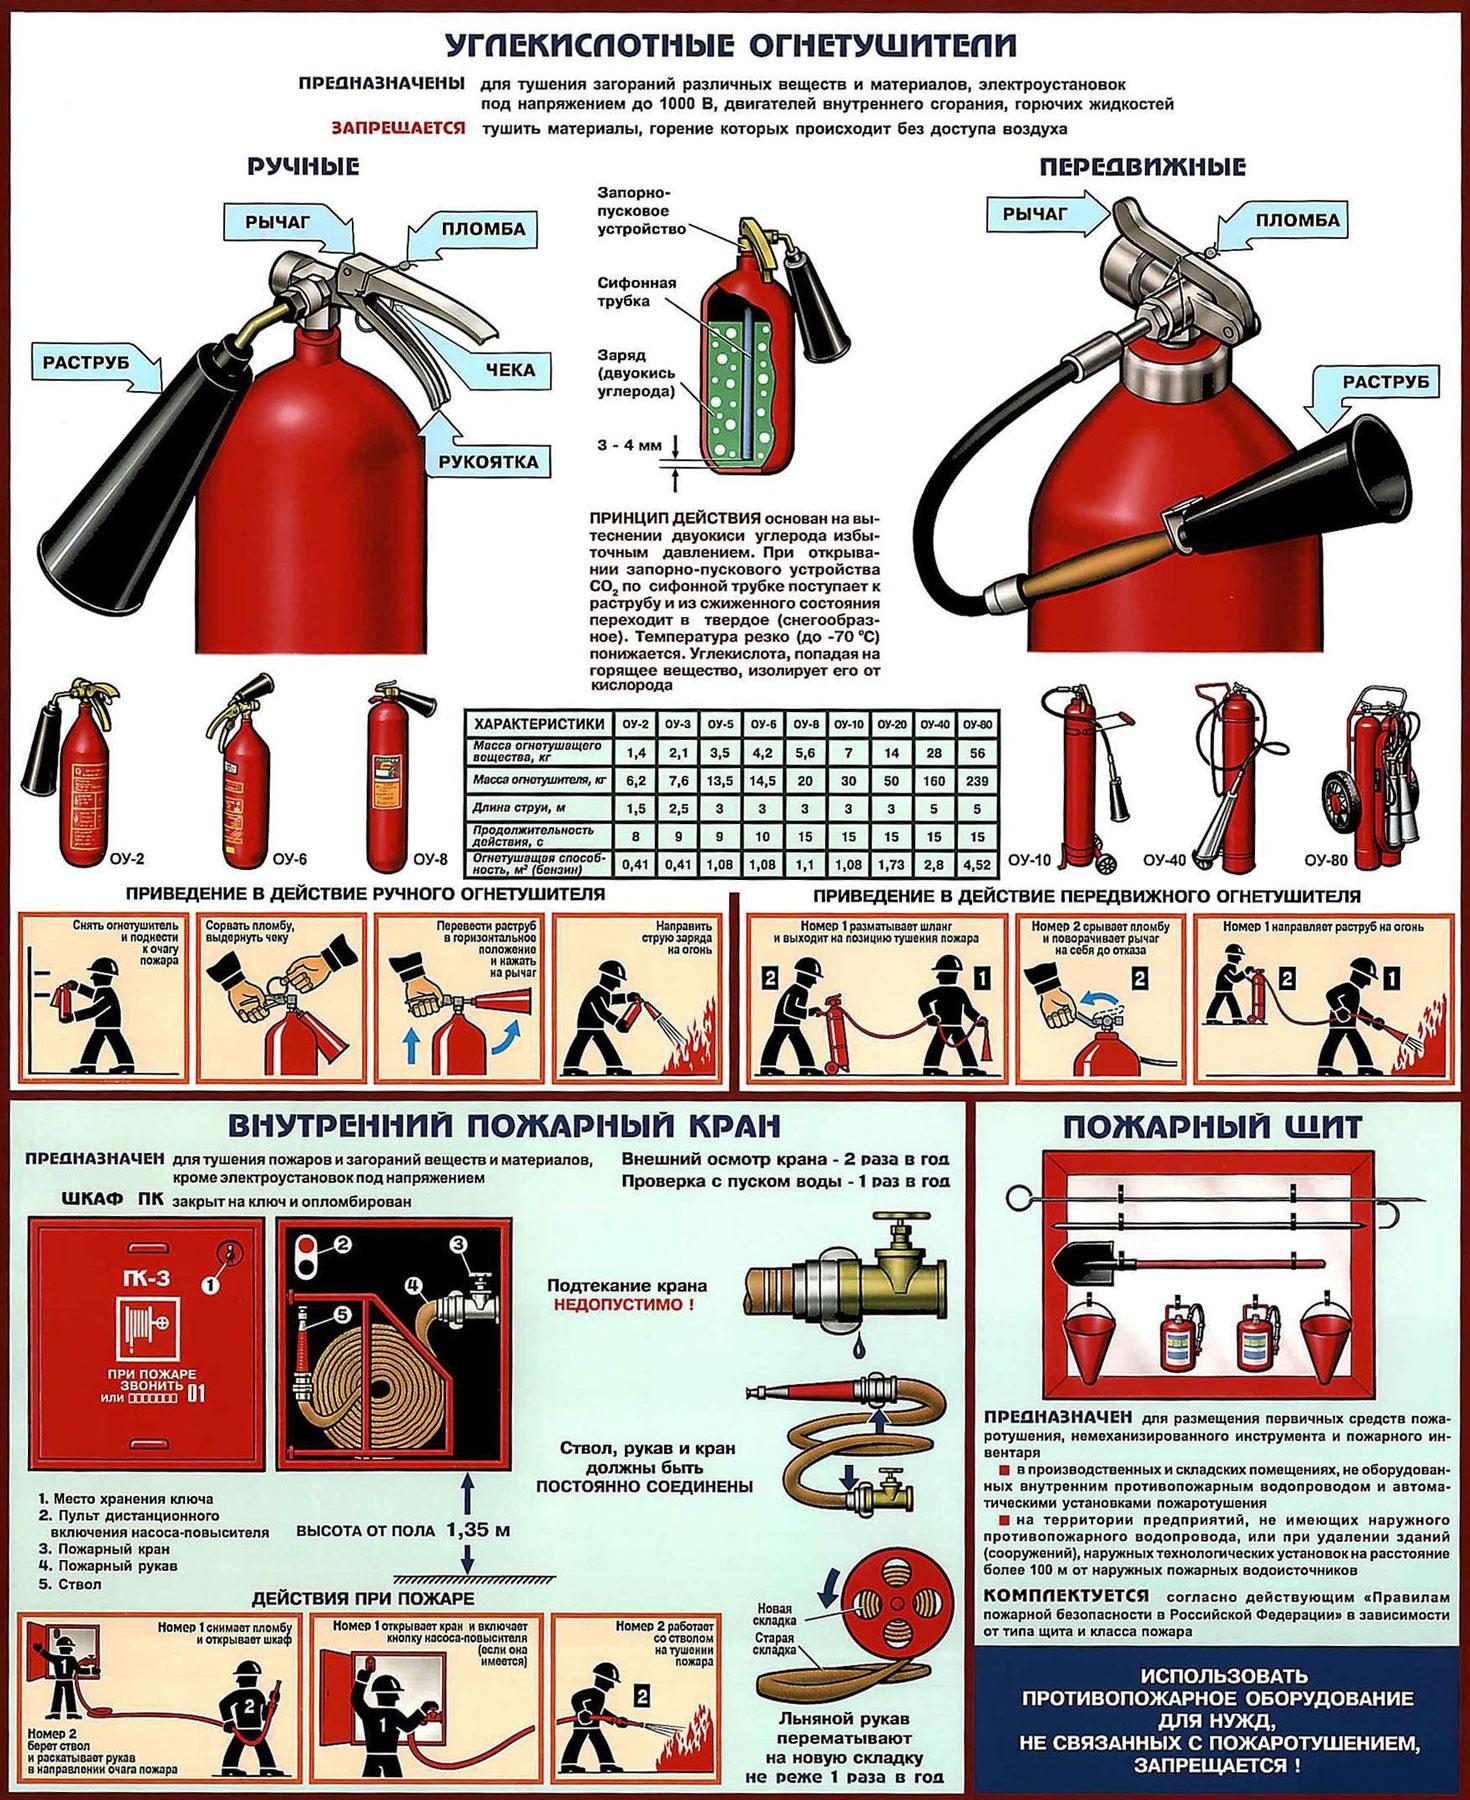 инструкция по эксплуатации огнетушителей оп-4